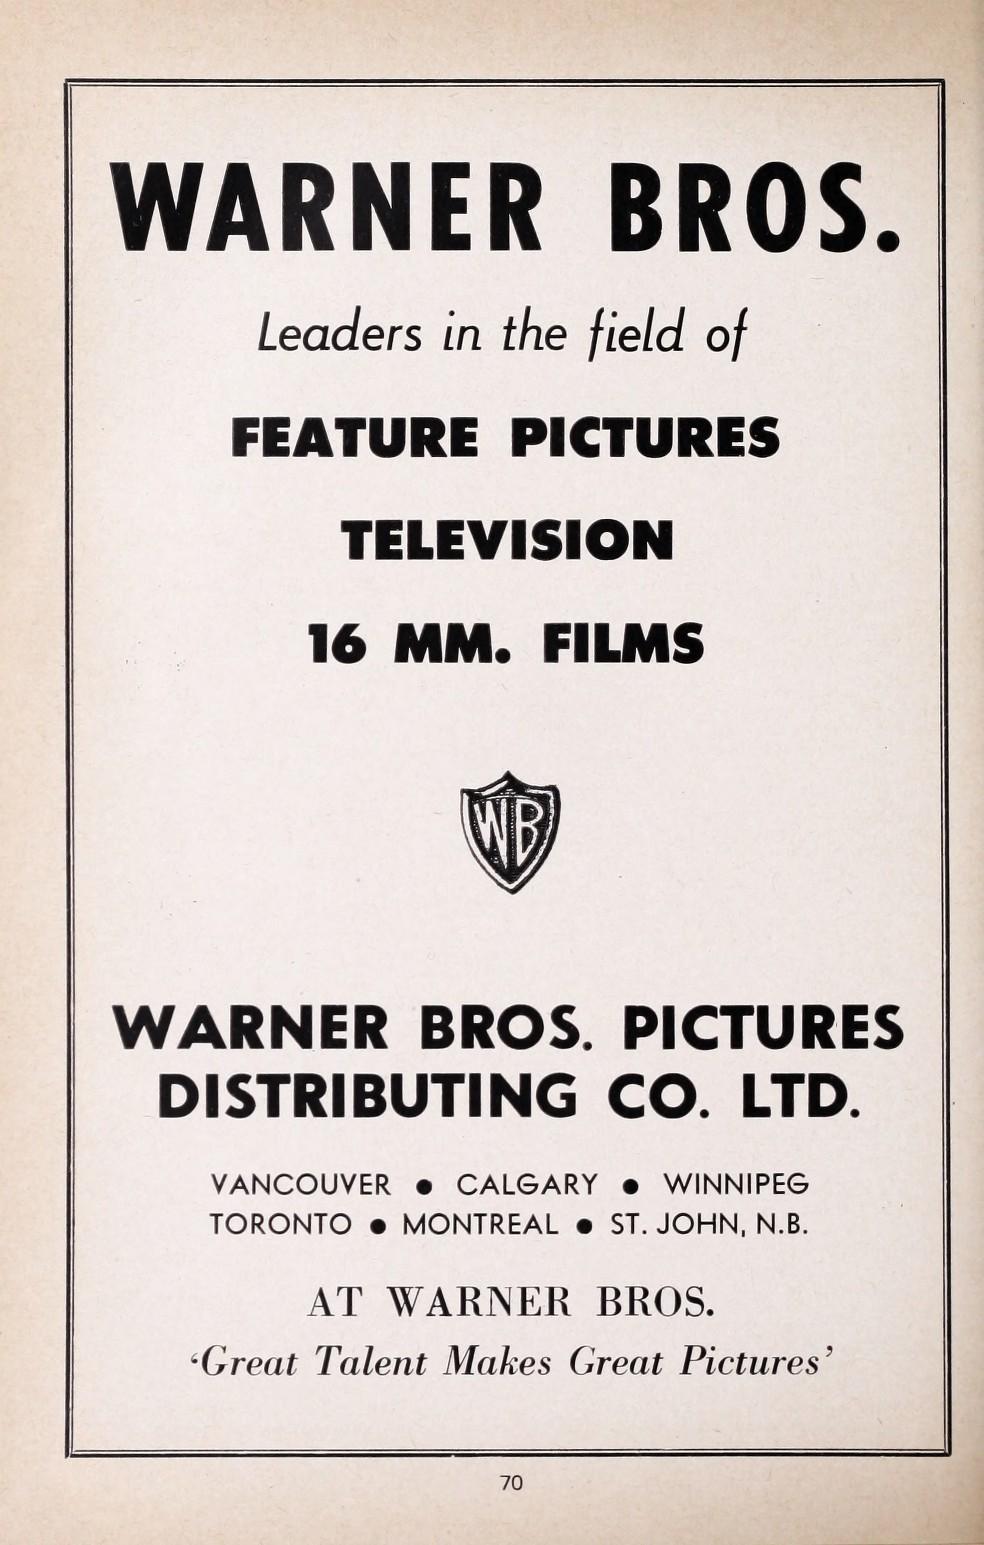 196364yearbookca00film_jp2.zip&file=196364yearbookca00film_jp2%2f196364yearbookca00film_0072